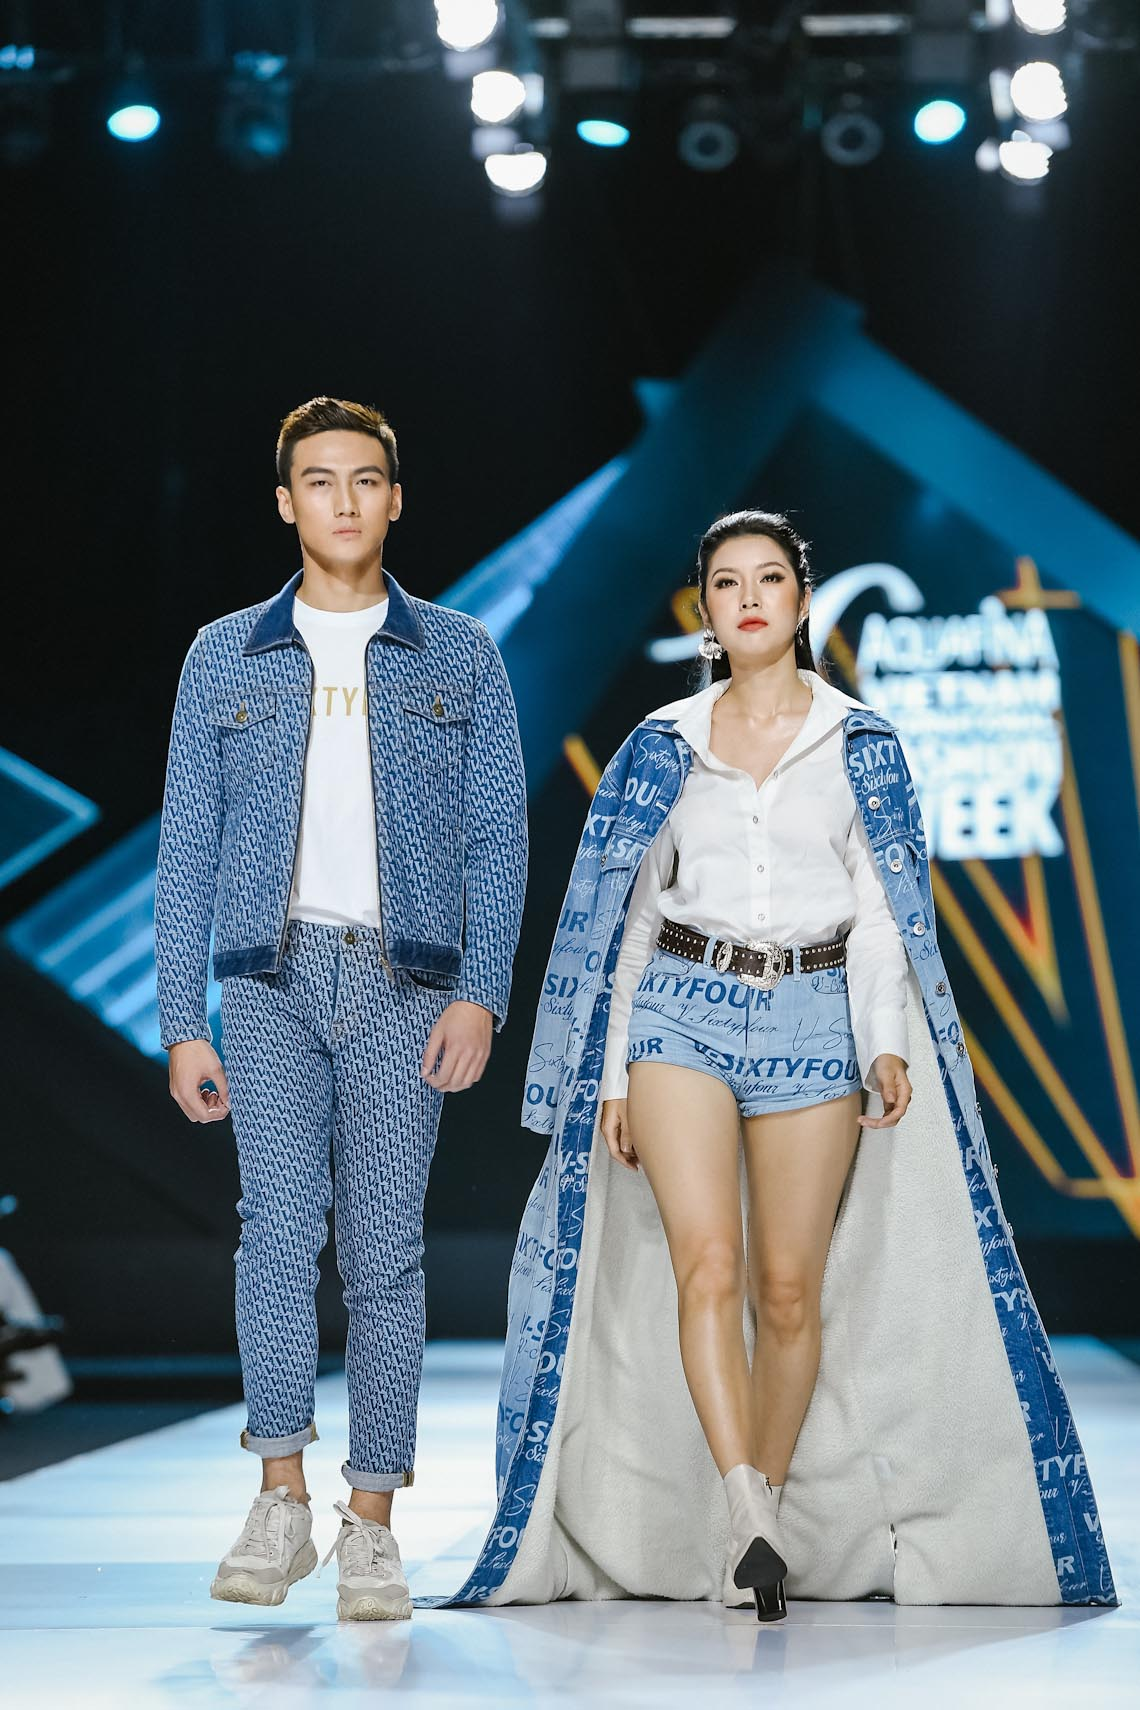 Tuần lễ Thời trang Quốc tế Việt Nam Thu Đông 2019 chính thức mở màn - 11